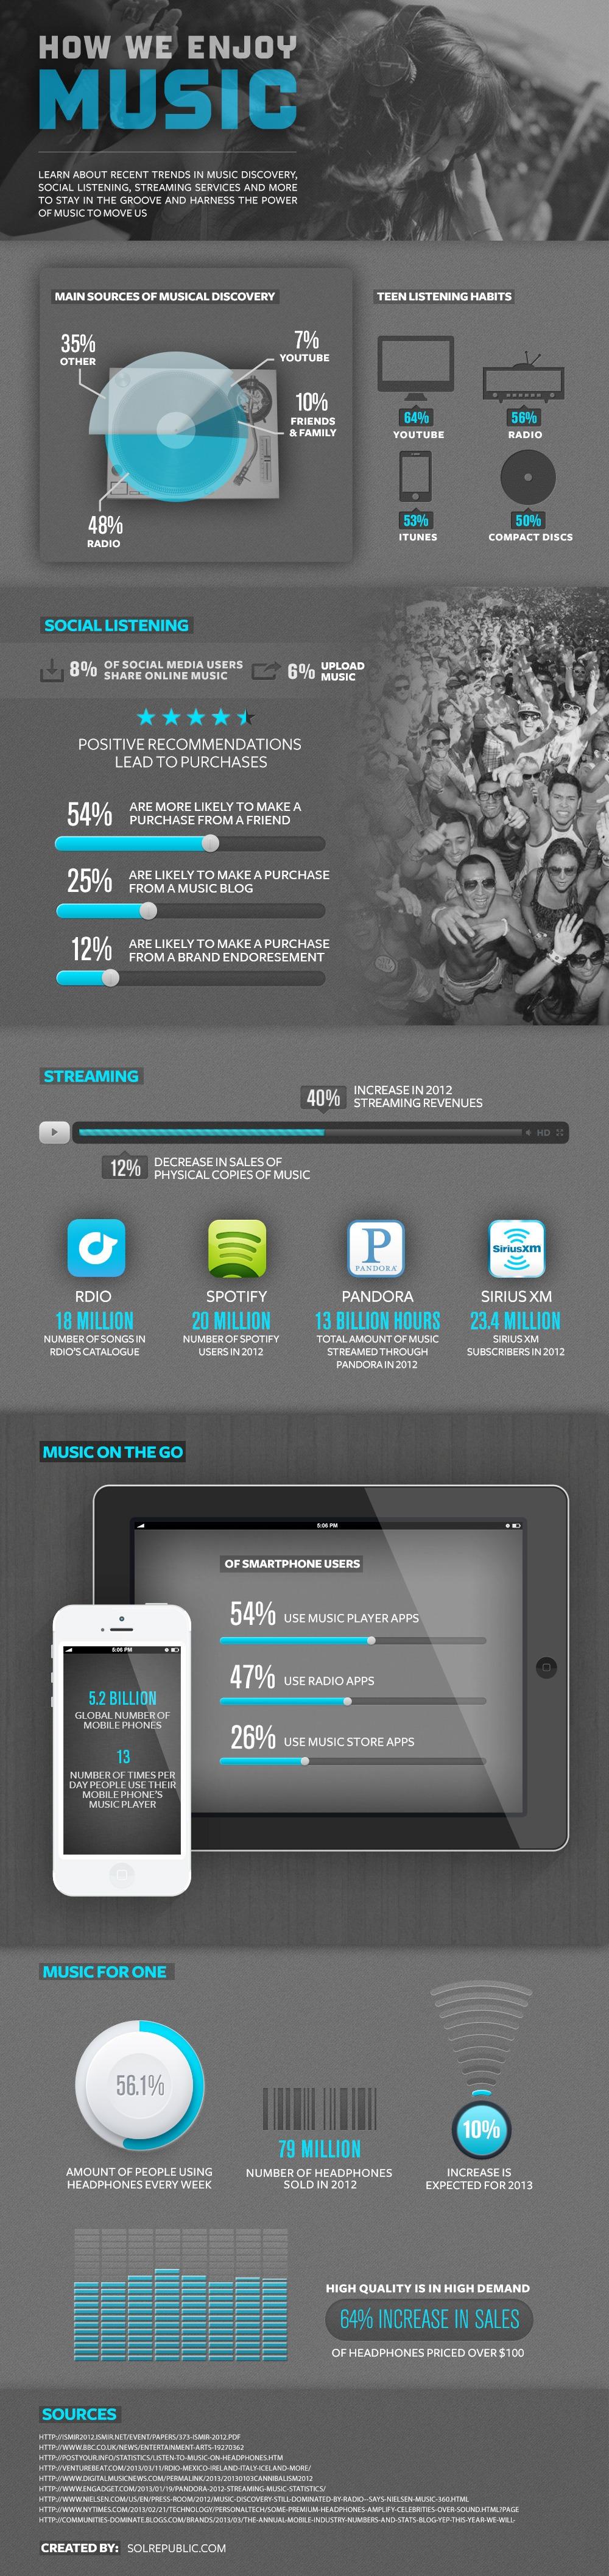 Streaming, partage social... Les dernières tendances pour découvrir de la musique